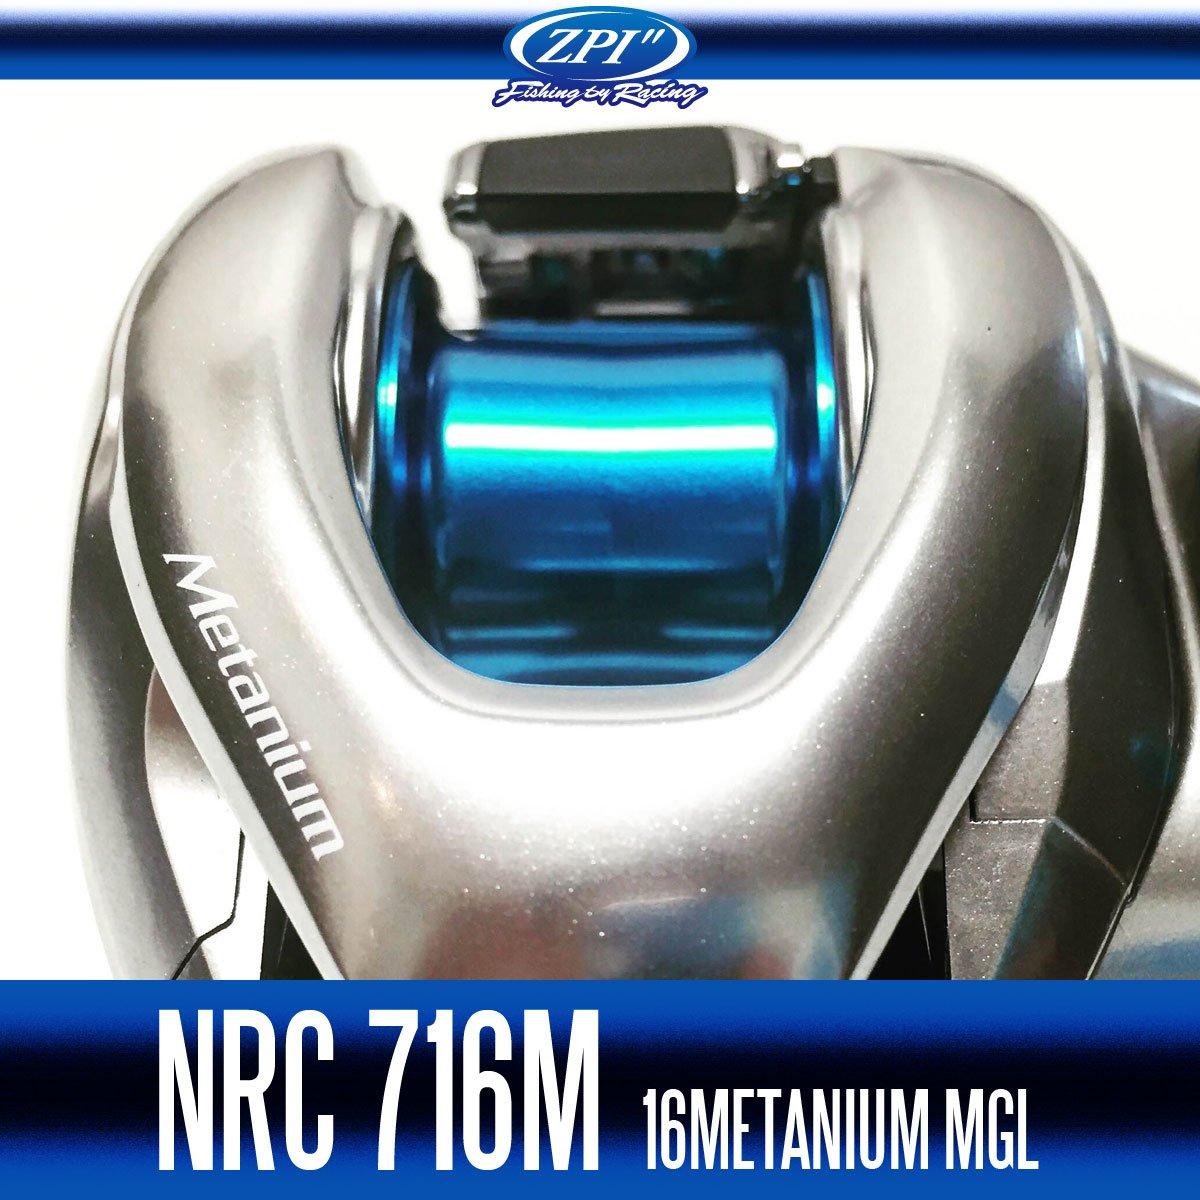 【ZPI】 シマノ 16メタニウムMGL用 NRC716M スプール レジェンドブルー  B01M8QDCGN